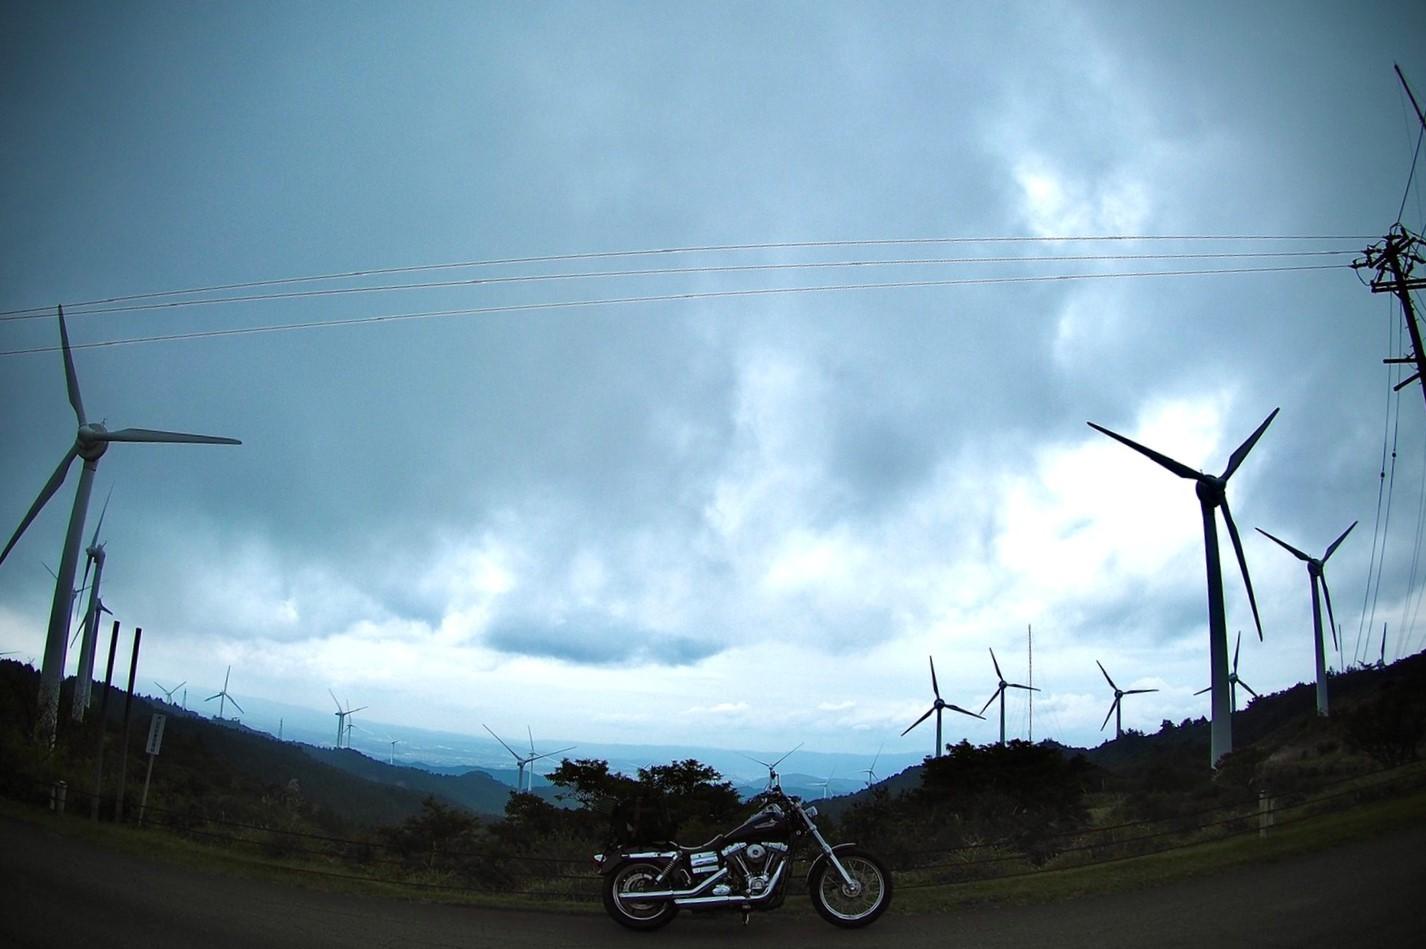 ぴーきちハーレーブログ 青山高原 風力発電 インスタ映え スポット 不気味